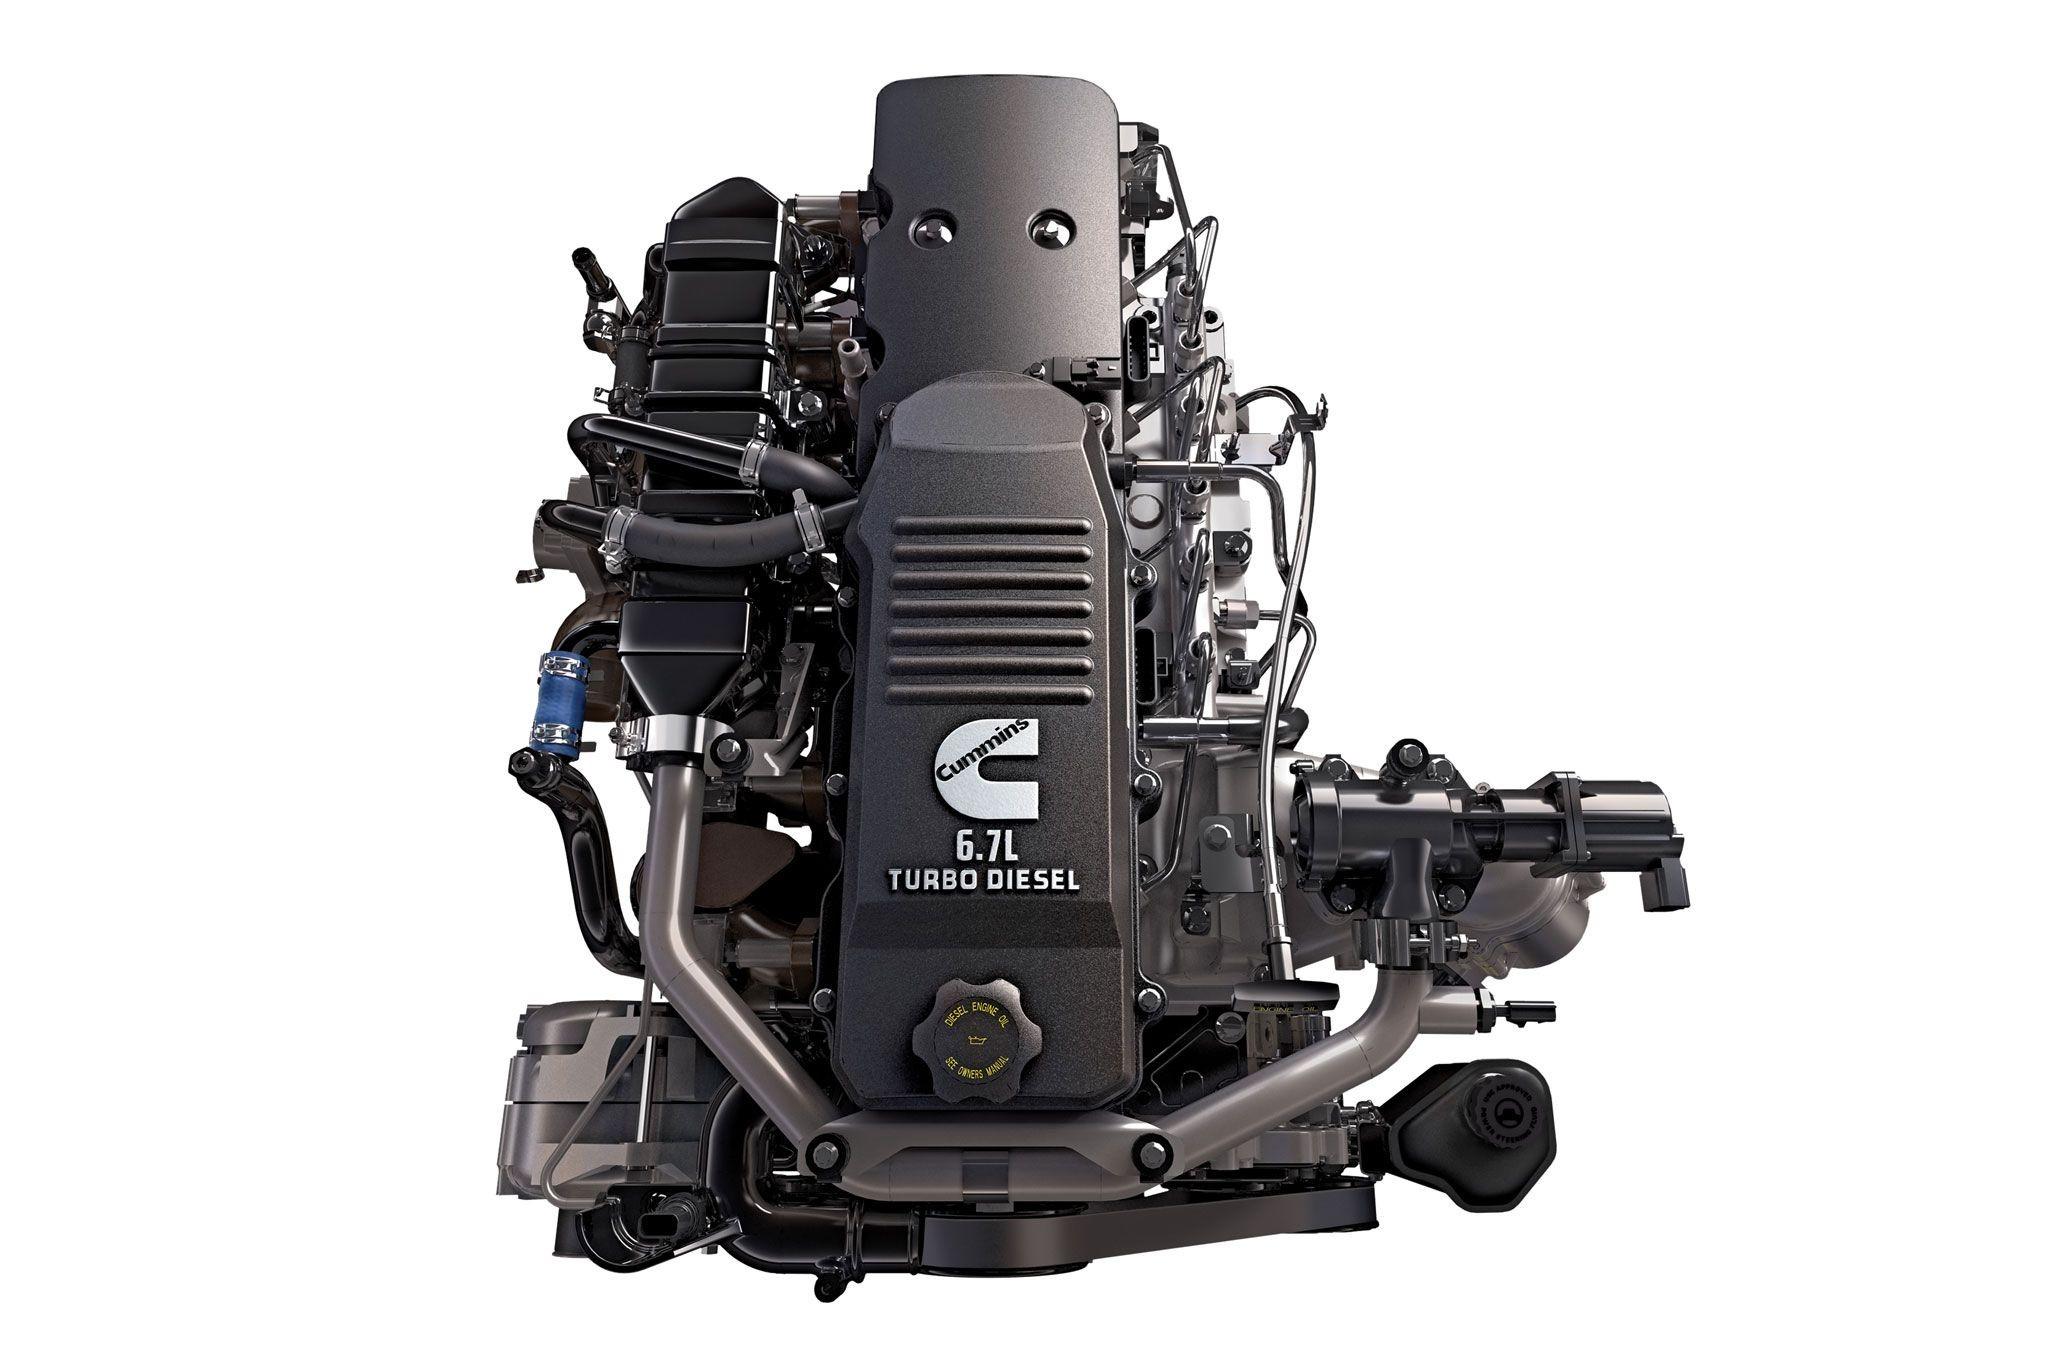 Duramax Diesel Engine Diagram Best Diesel Engines for Pickup Trucks the Power Of Nine Of Duramax Diesel Engine Diagram